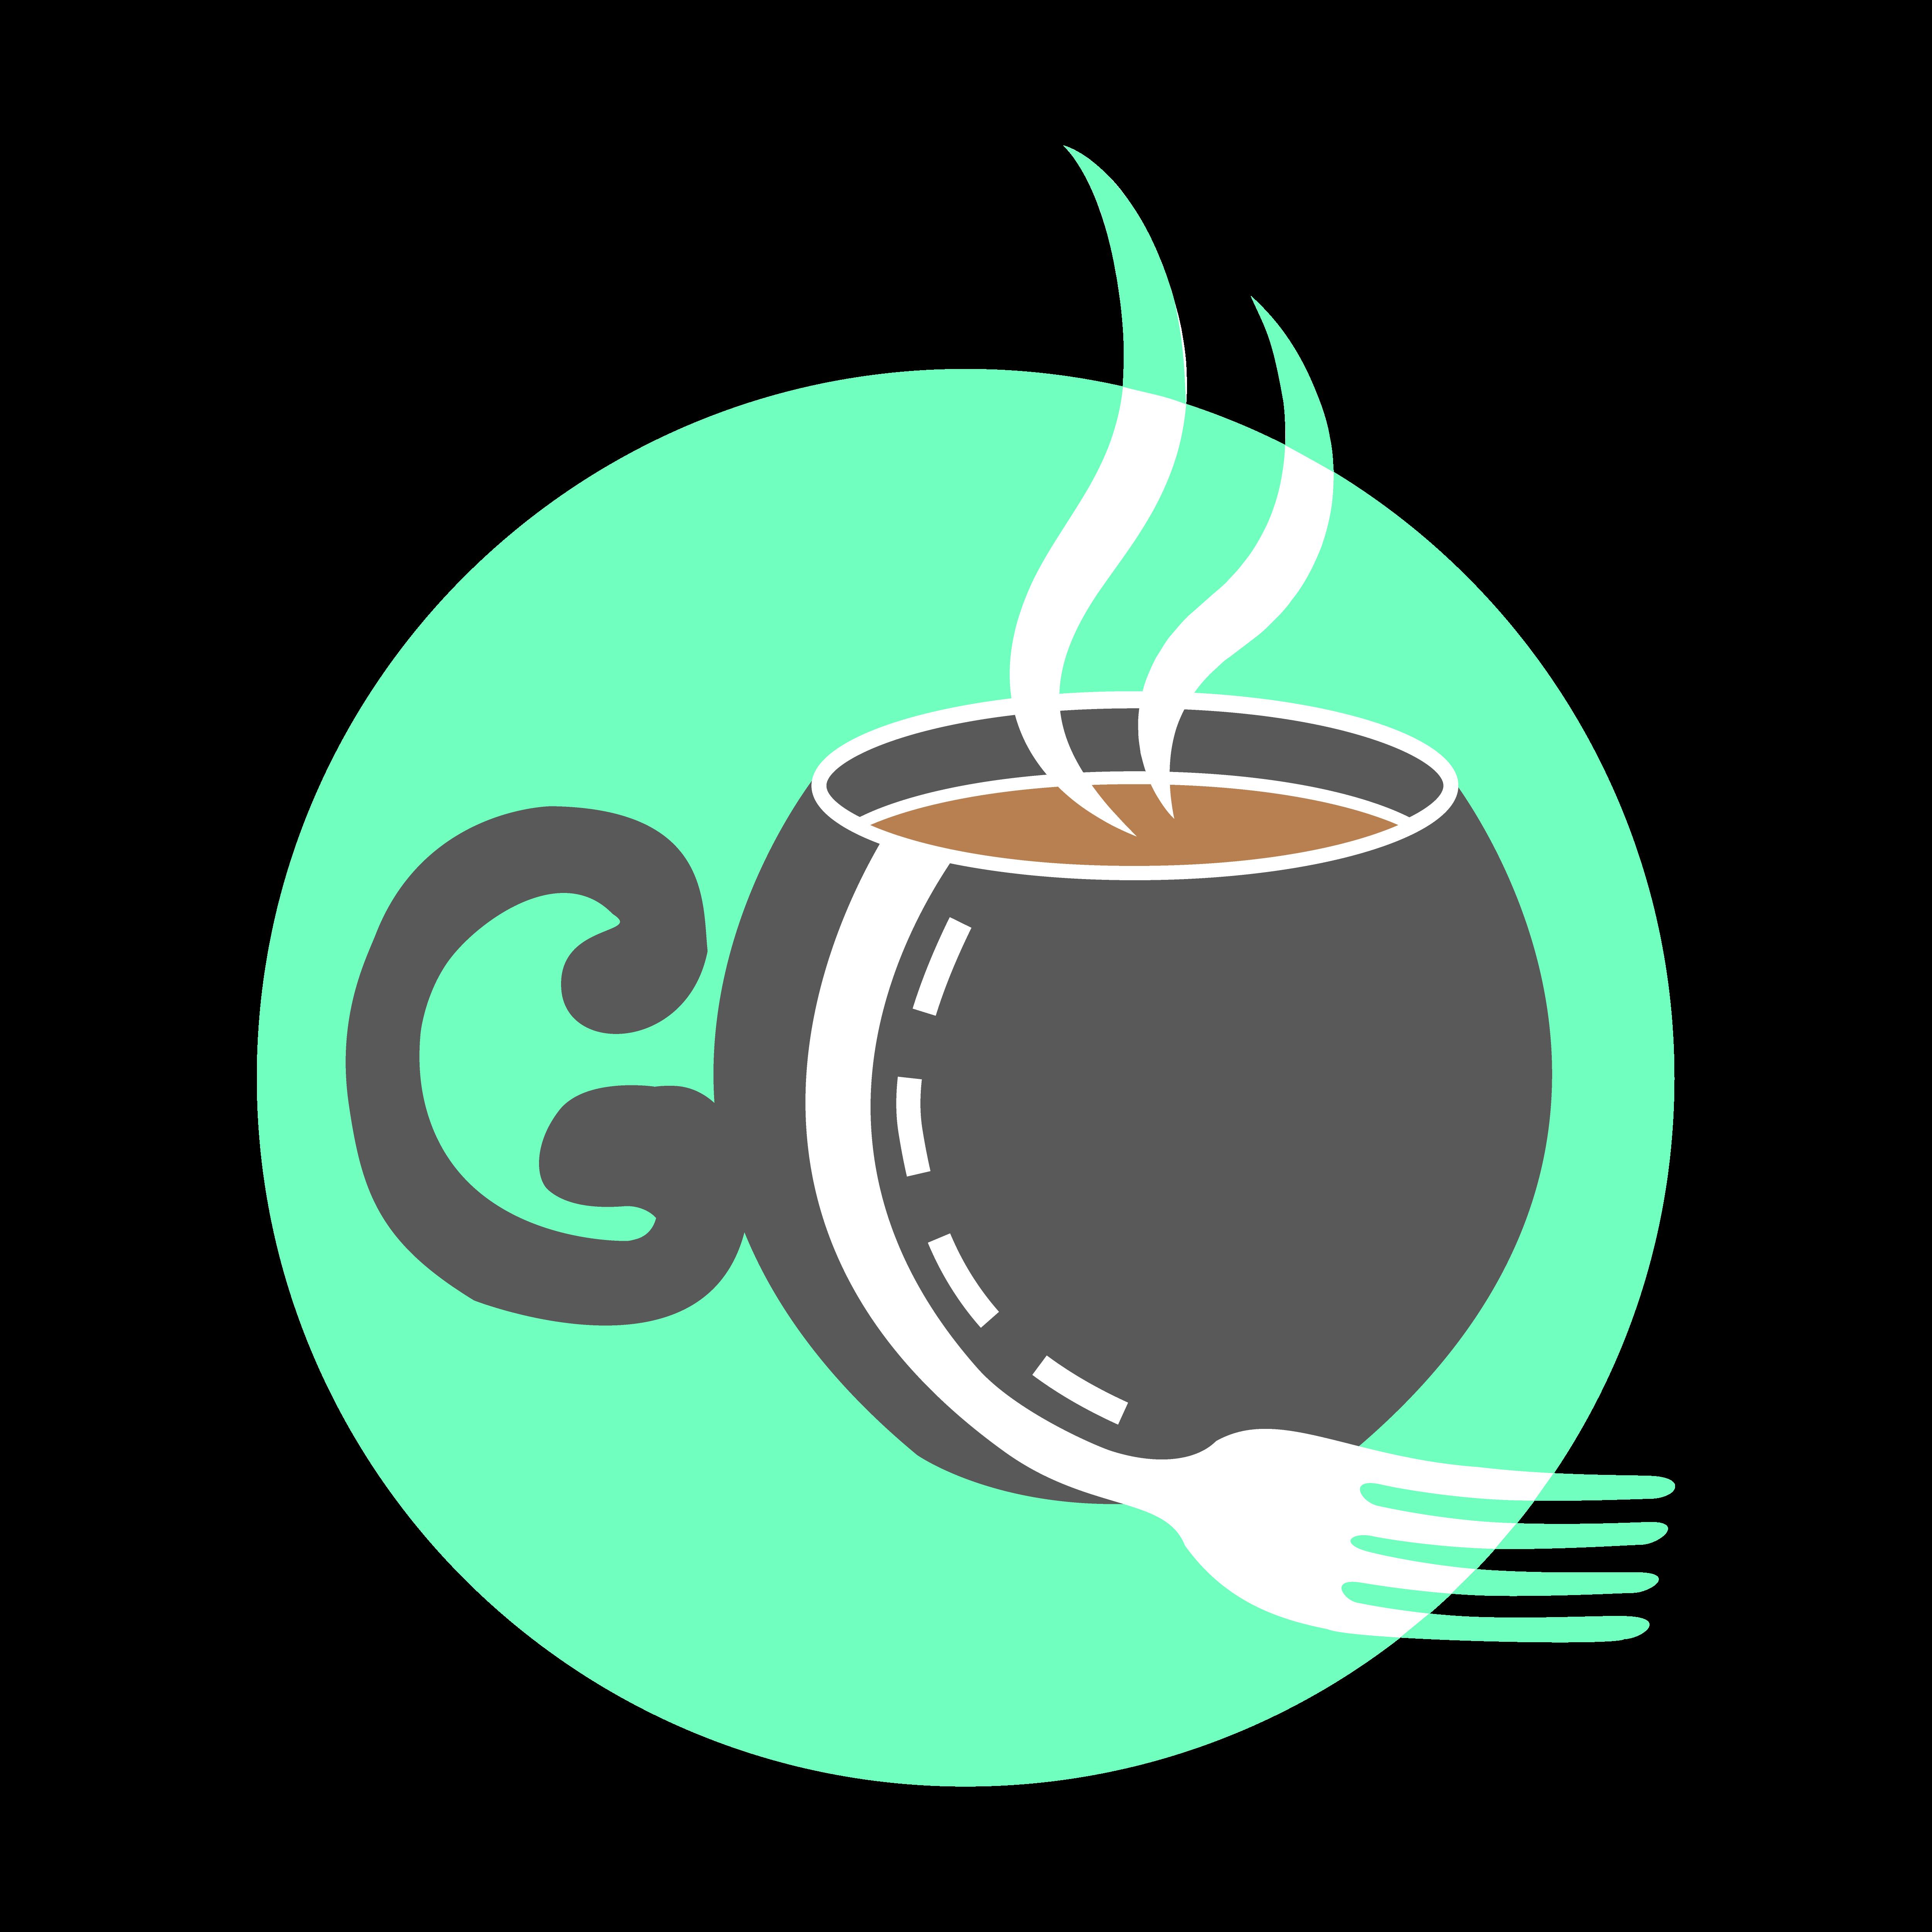 cafegodelivery